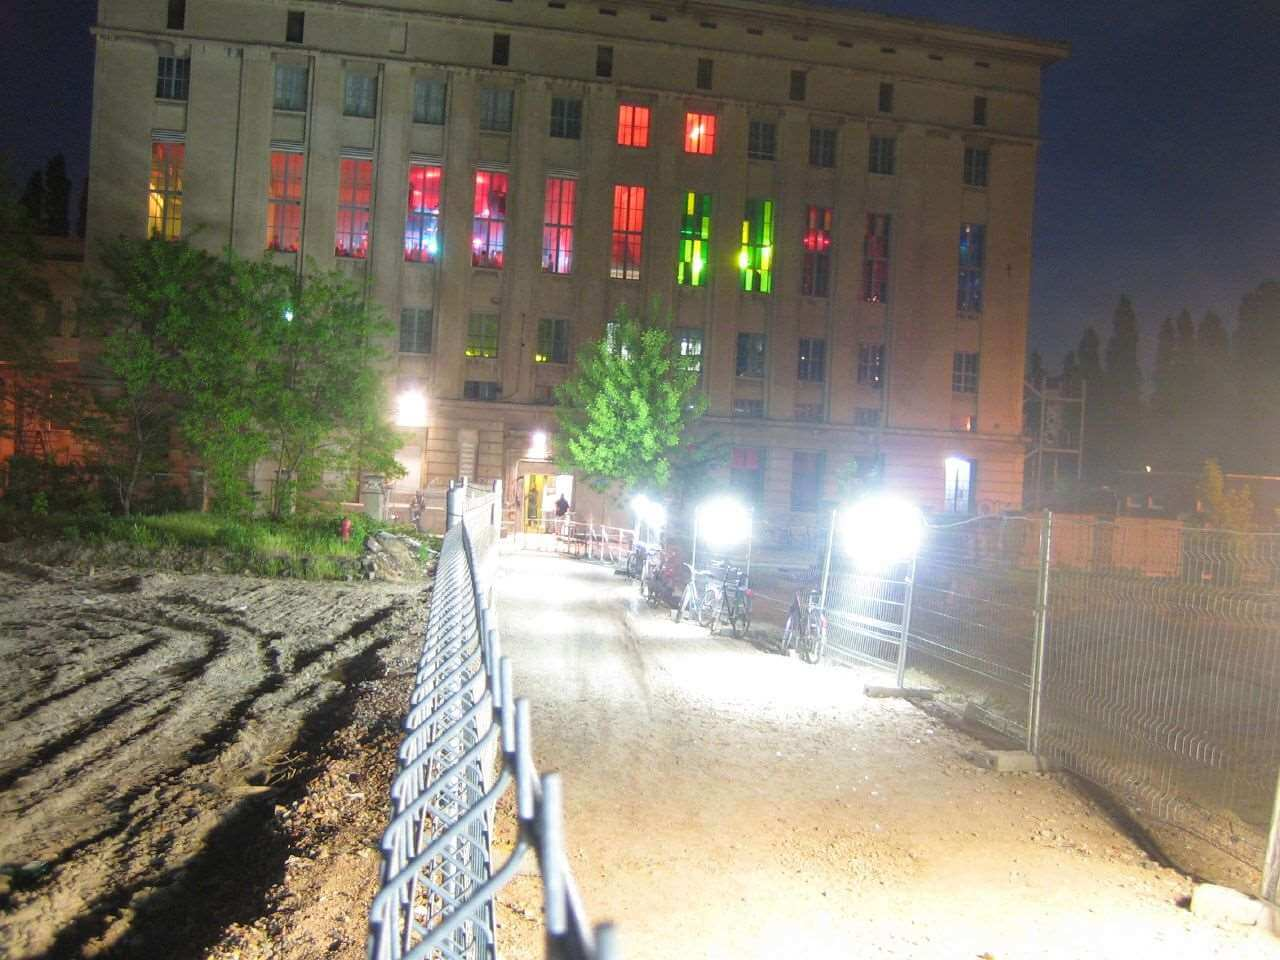 Berghain Berlin: Kako ući u najbolji klub na svijetu